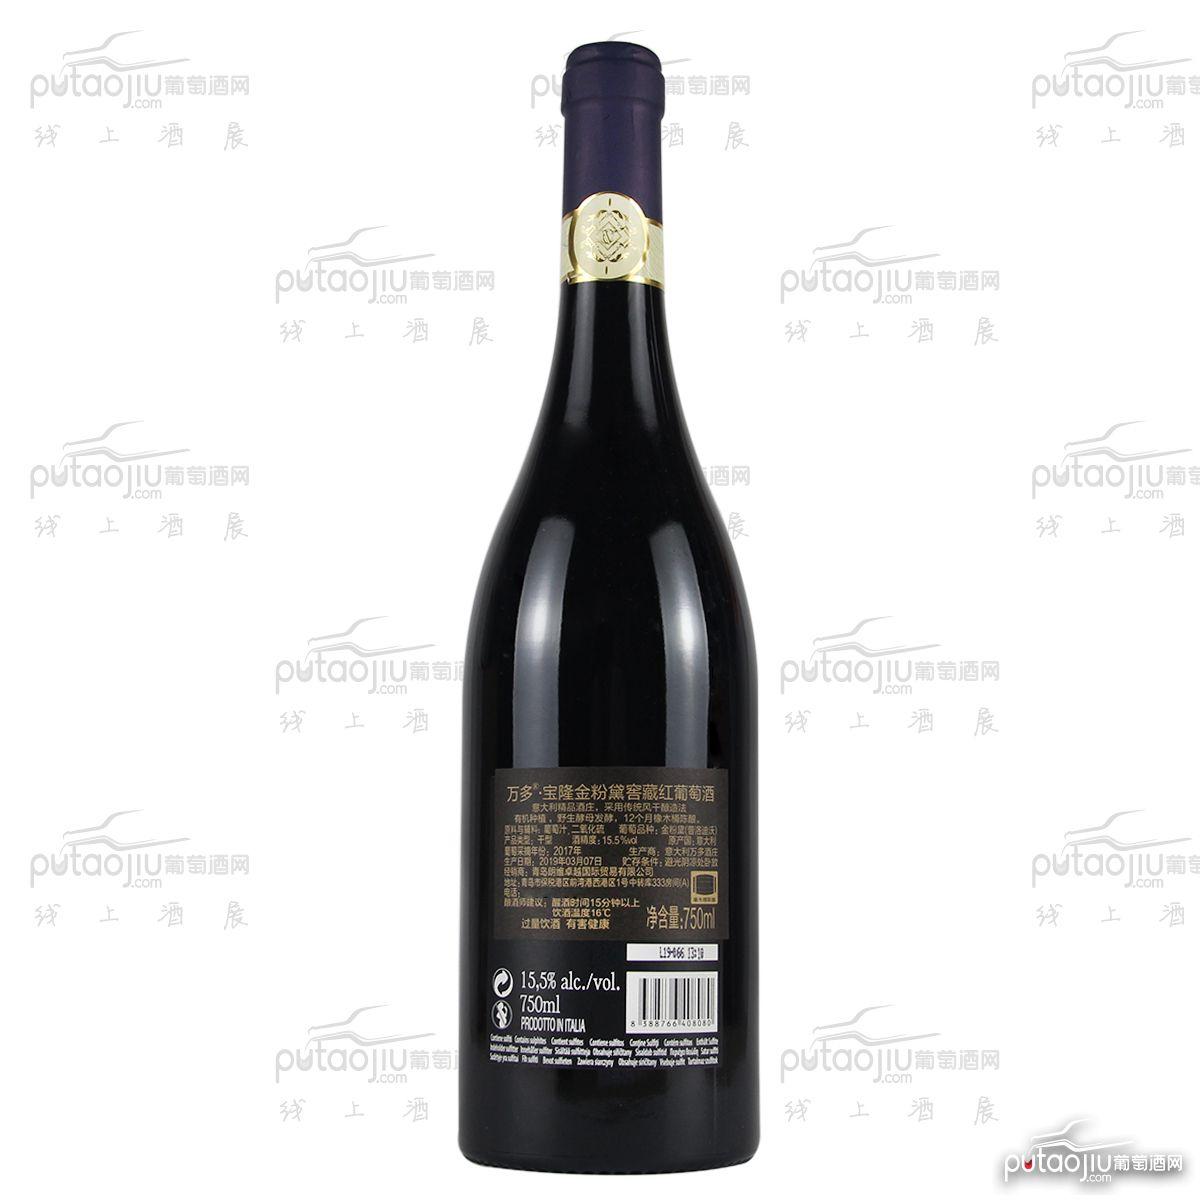 意大利阿斯蒂万多酒庄宝隆金粉黛窖藏红葡萄酒